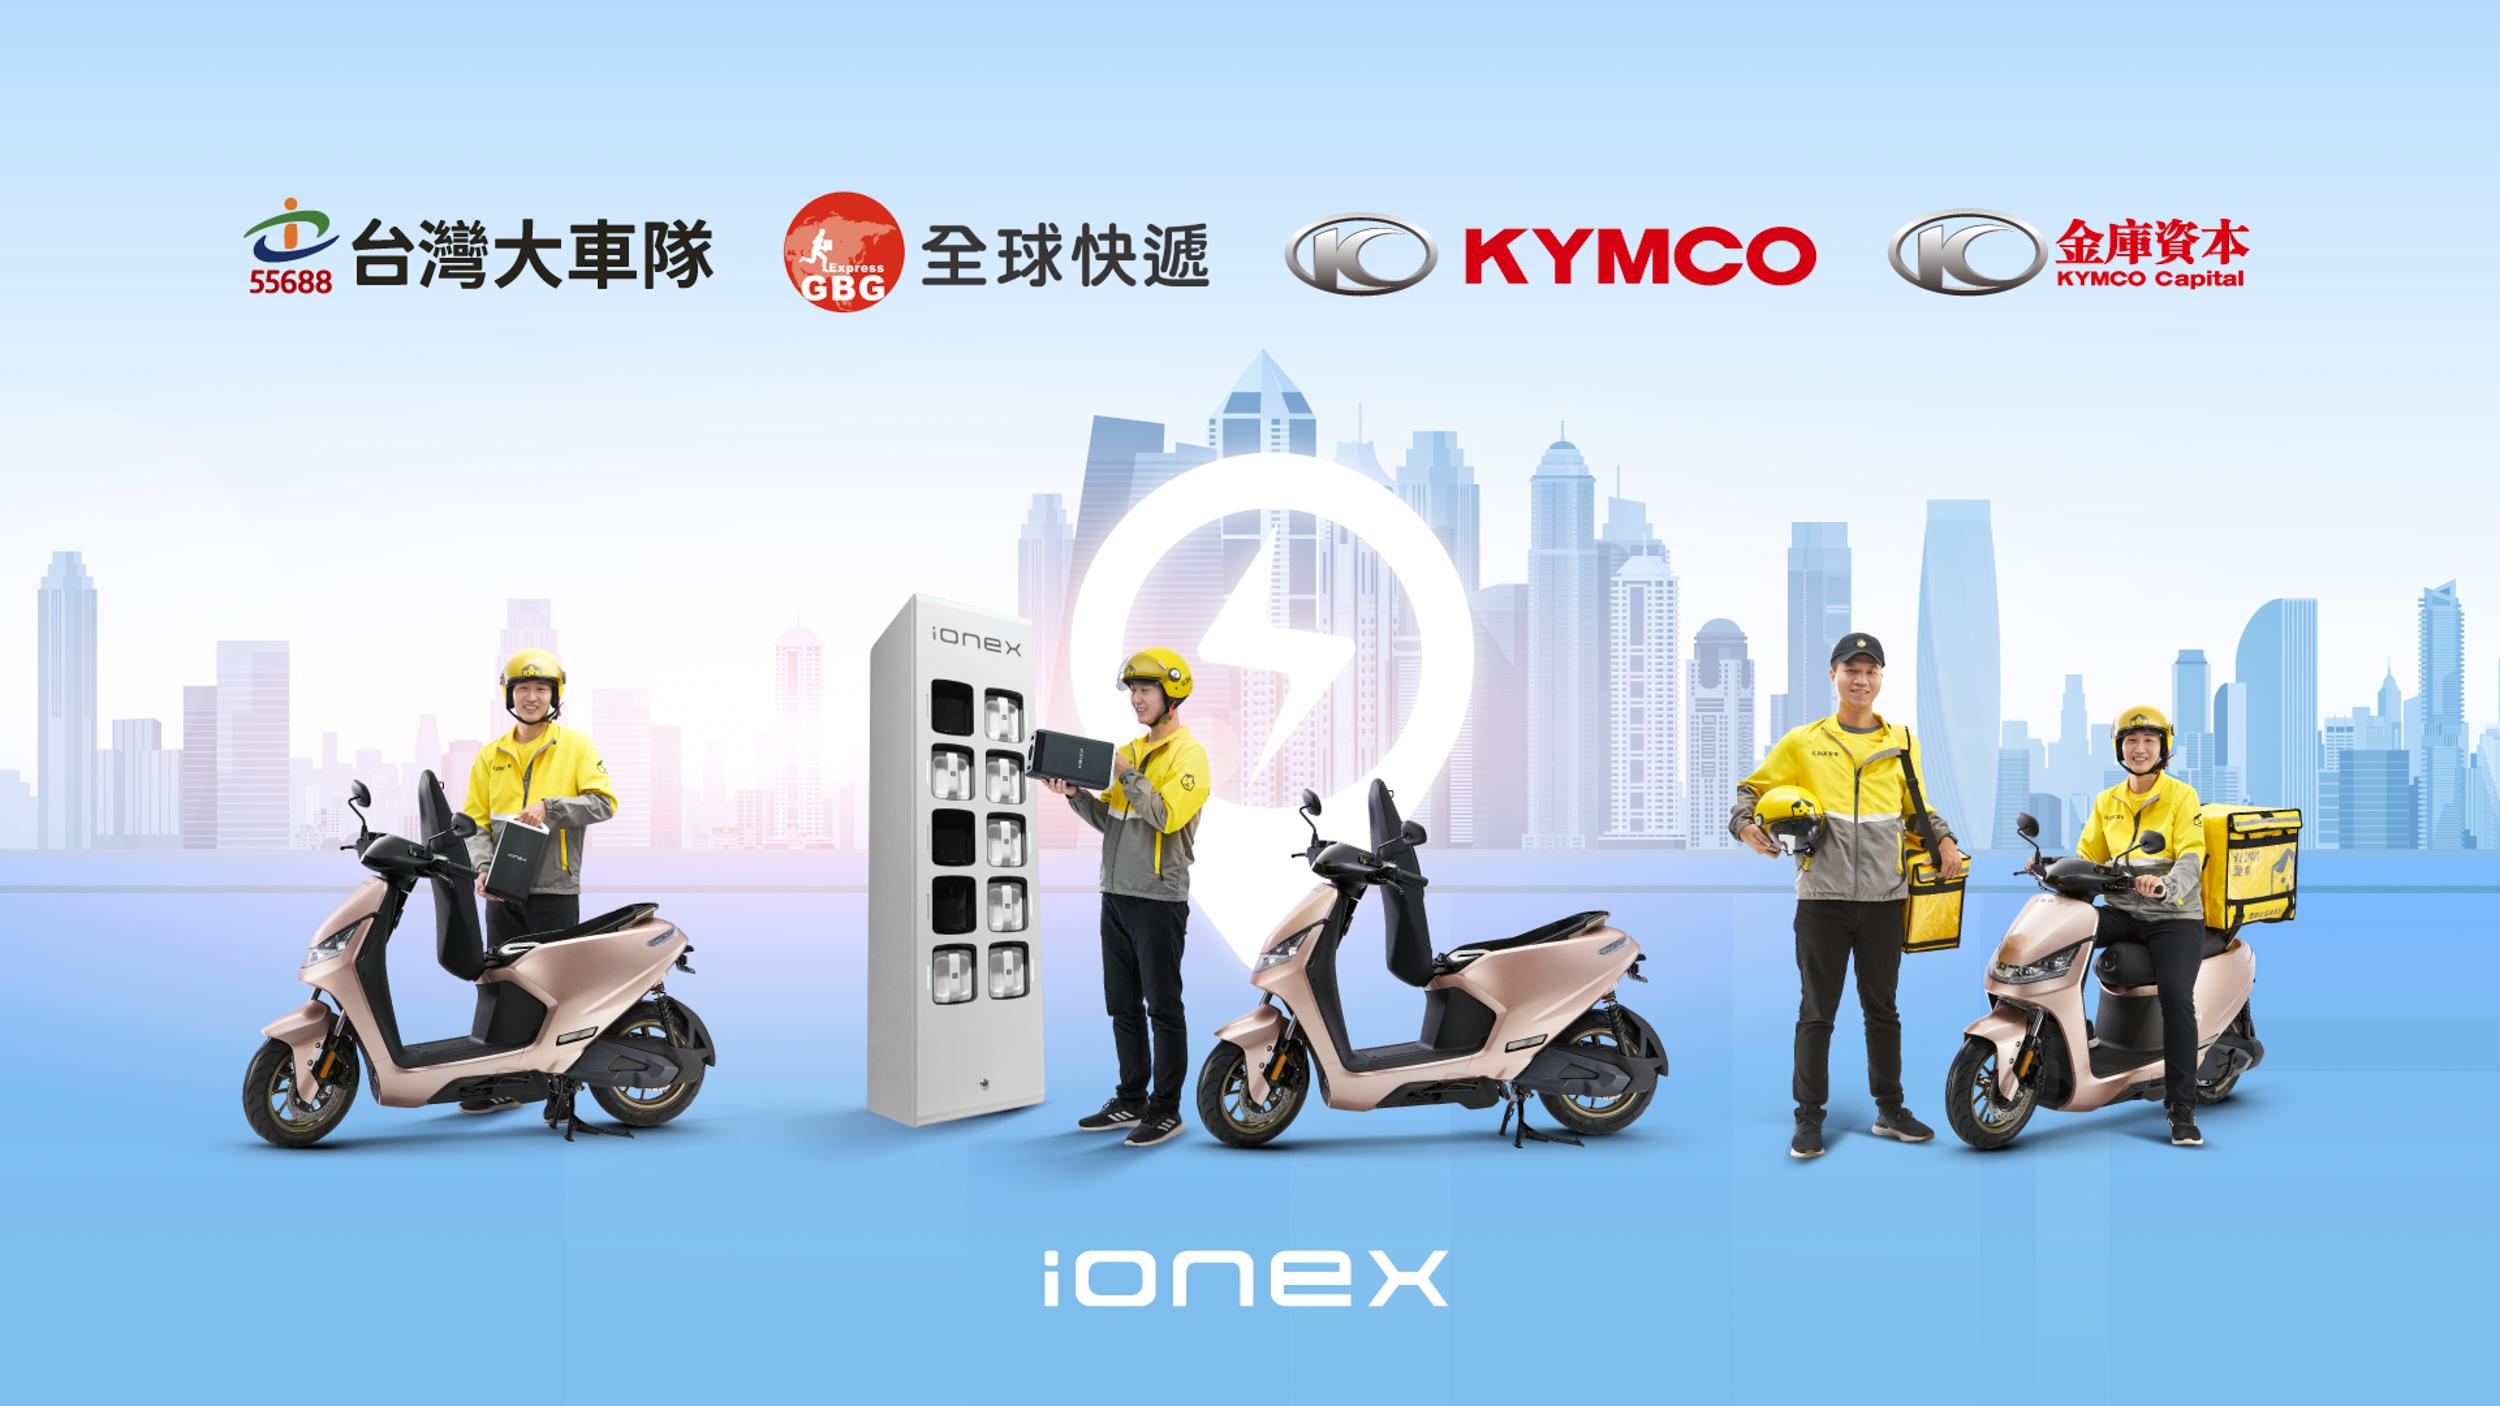 台灣大車隊集團 x 光陽 x 金庫資本結盟 推動「全球快遞」物流事業